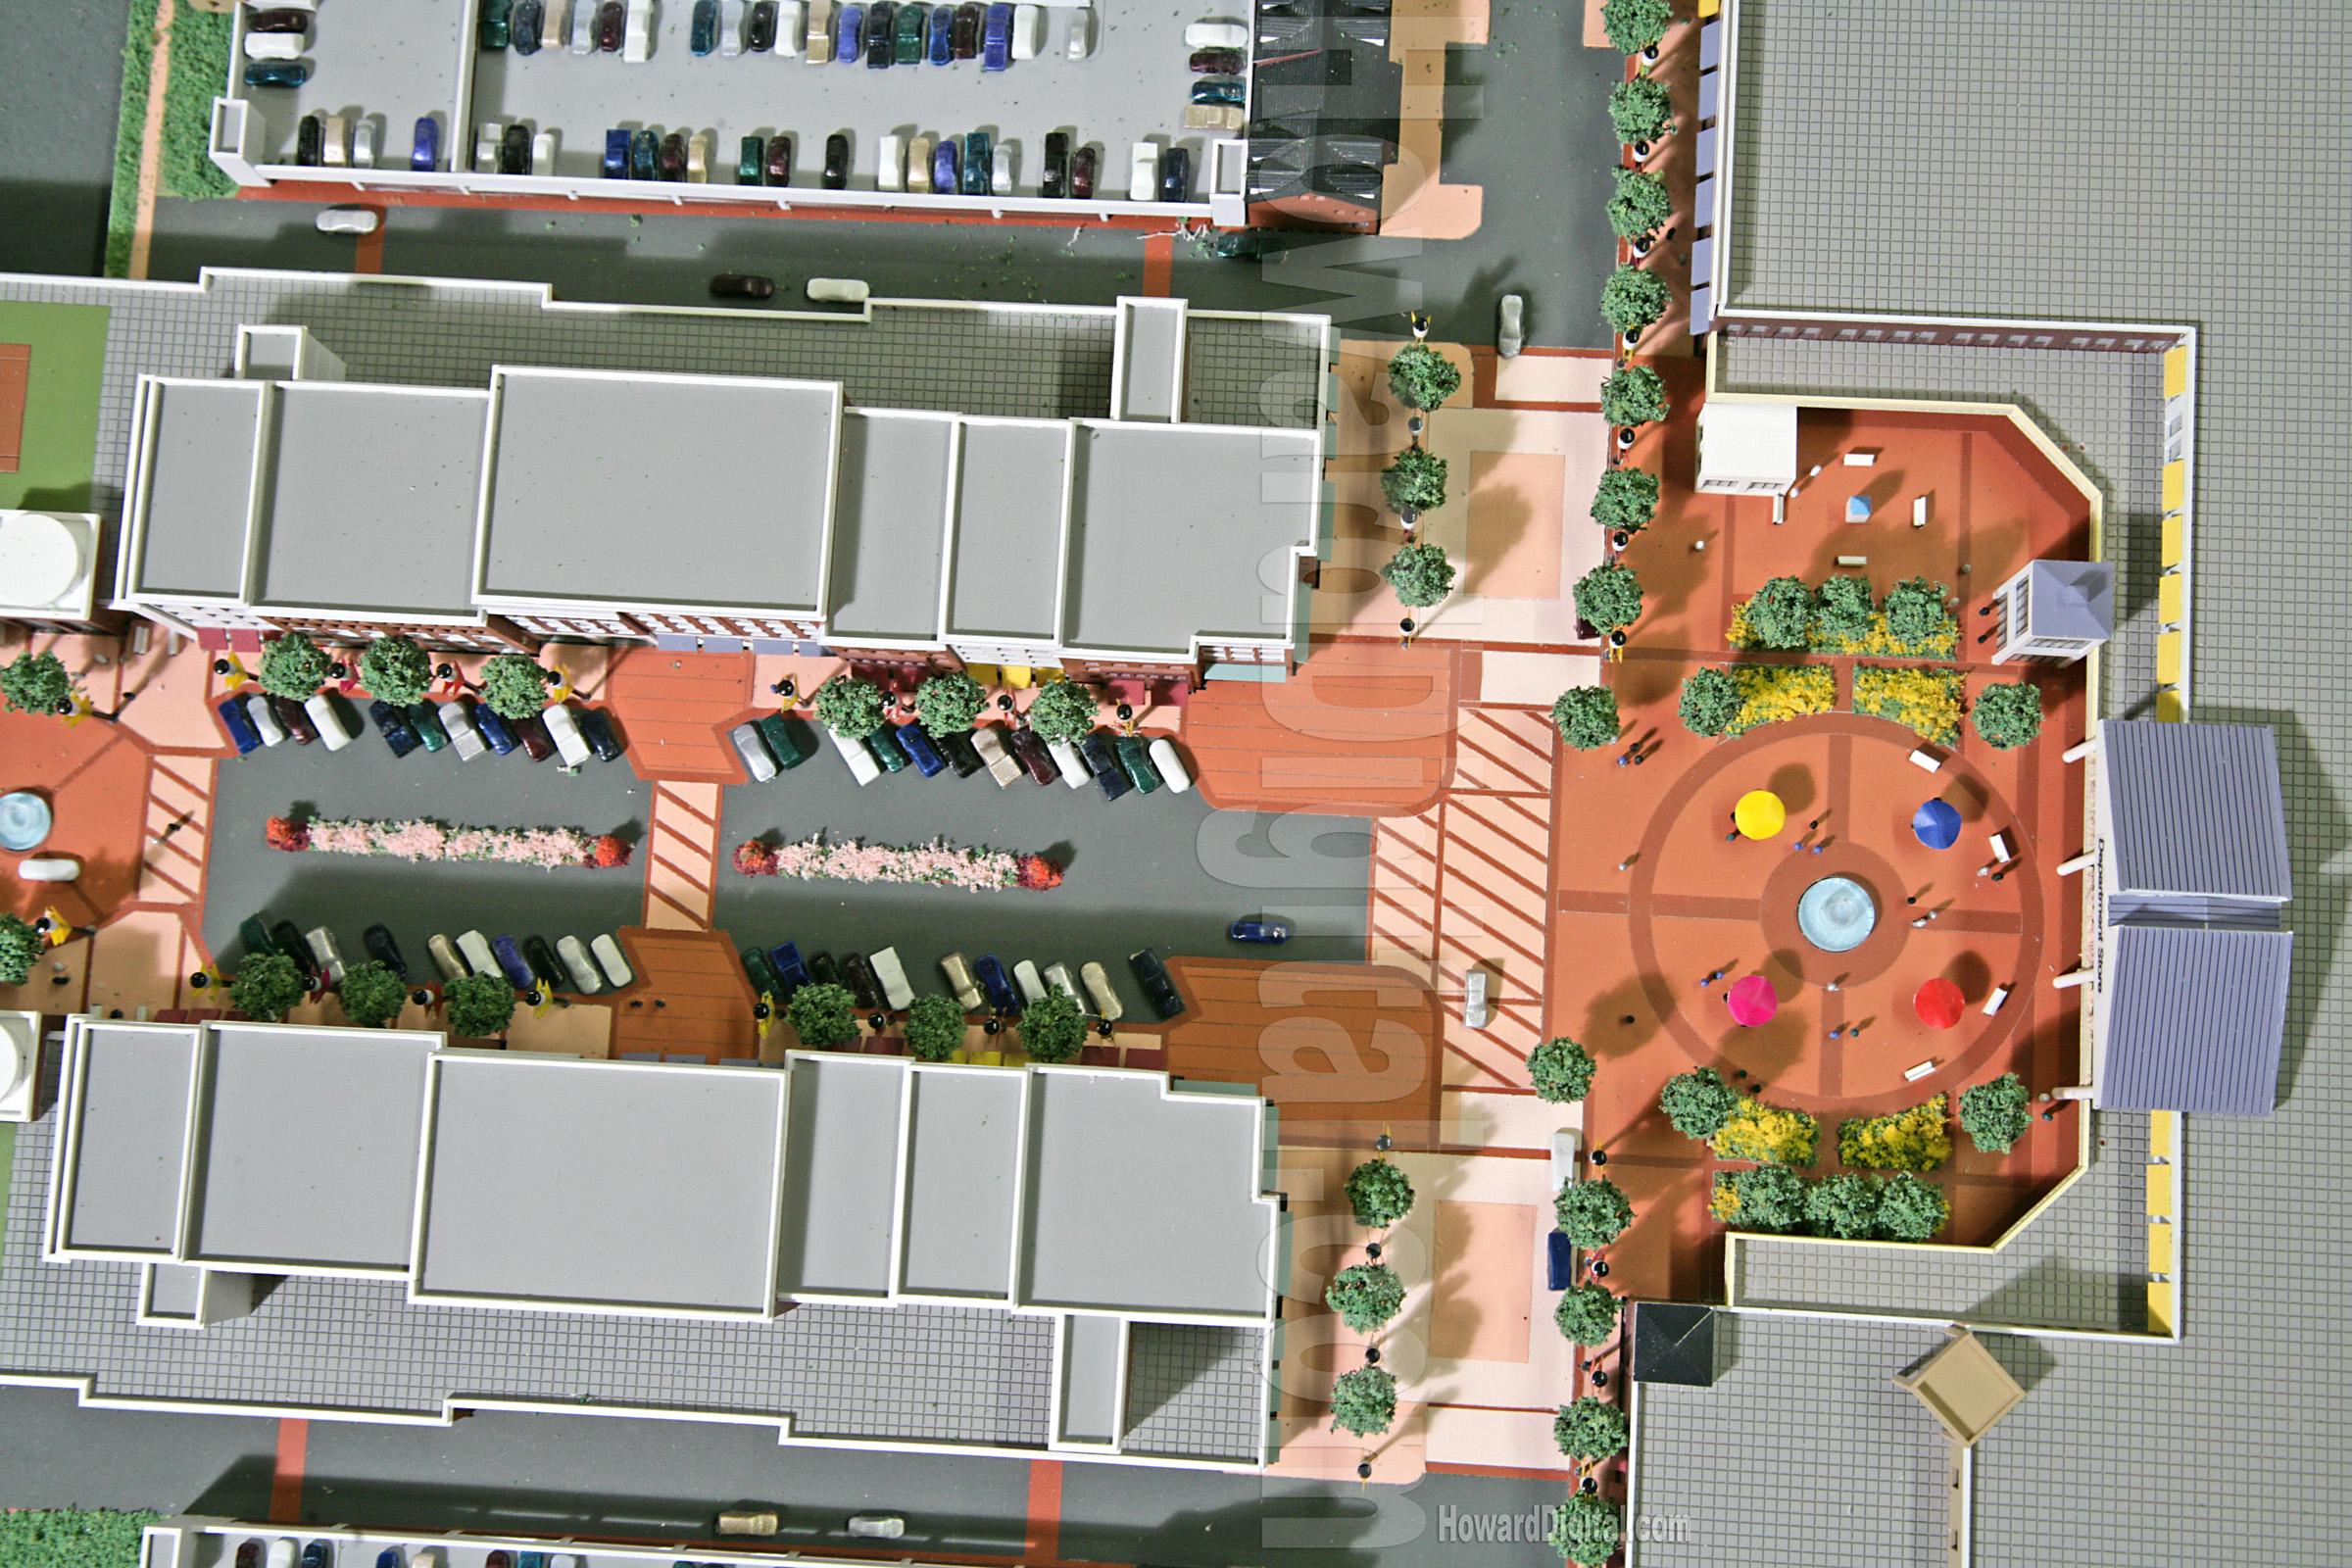 franklin mint store howard architectural models architectural model. Black Bedroom Furniture Sets. Home Design Ideas